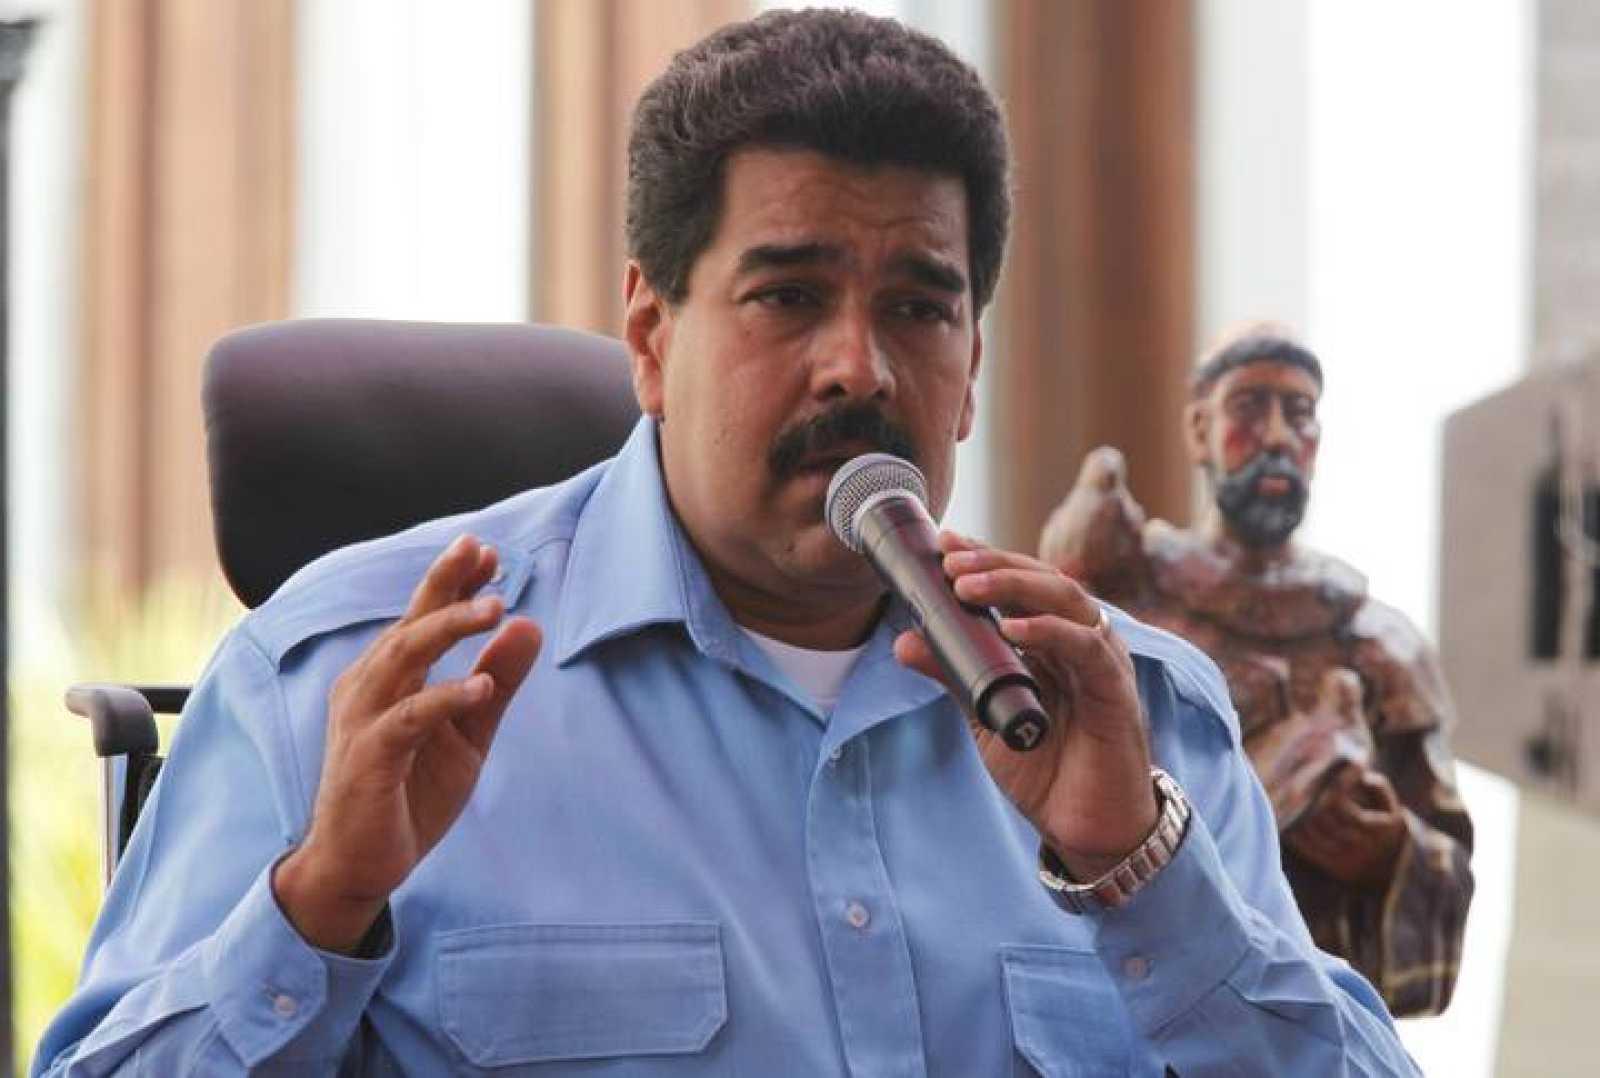 Nicolás Maduro durante su discurso en una marcha oficialista este domingo.